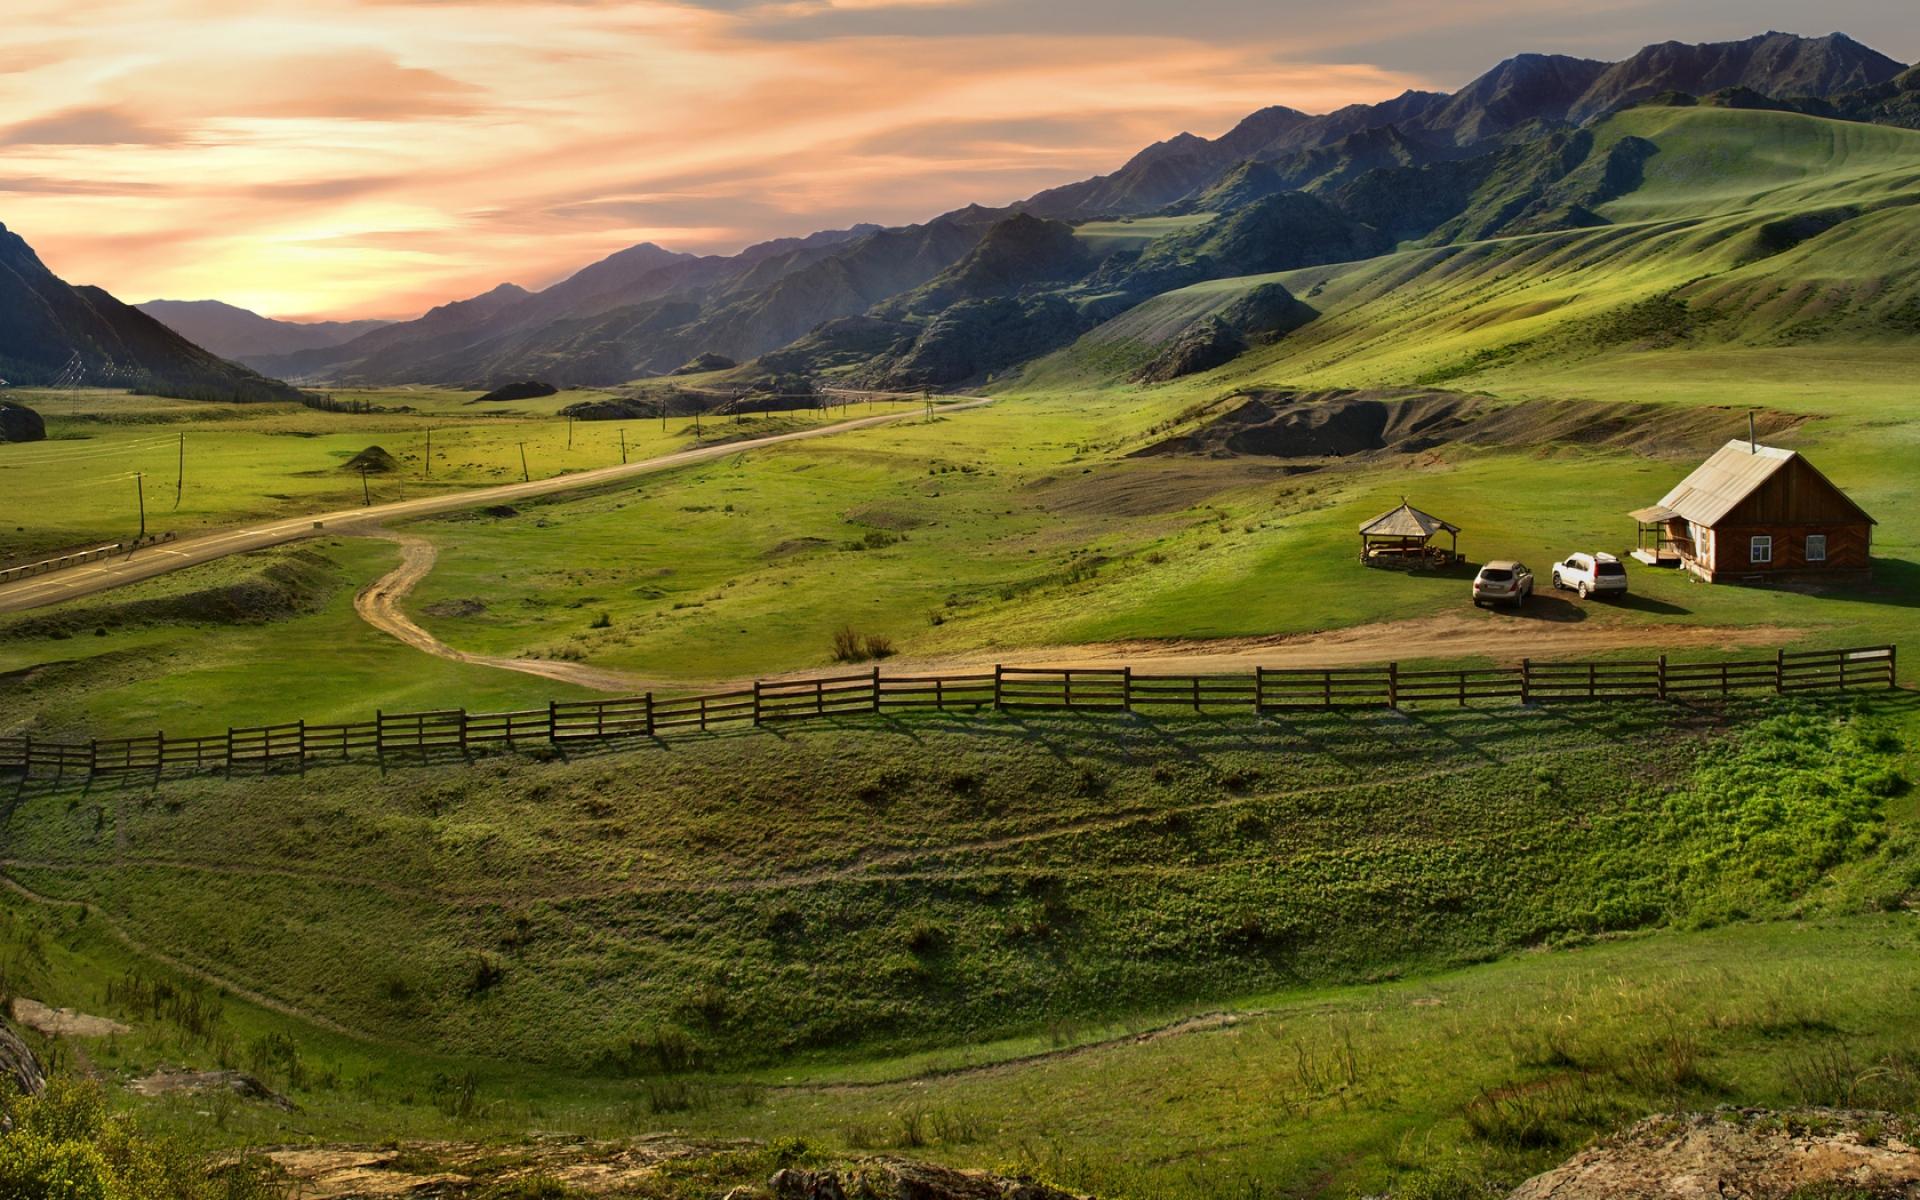 Картинки Алтай, горы, равнина, охрана, дом, автомобиль фото и обои на рабочий стол